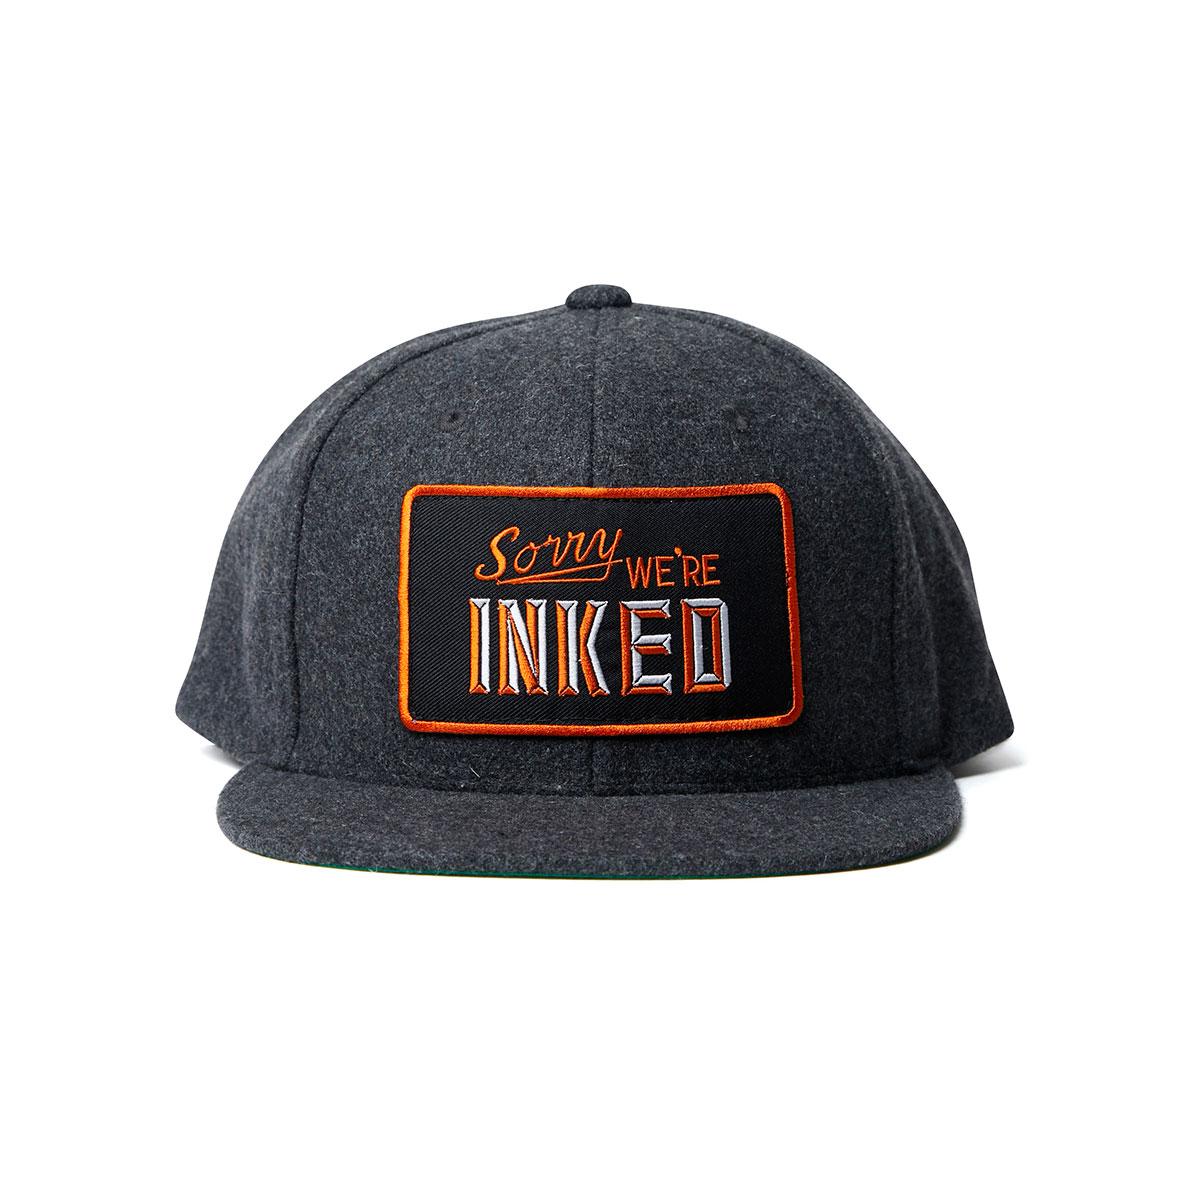 NOTICE CAP